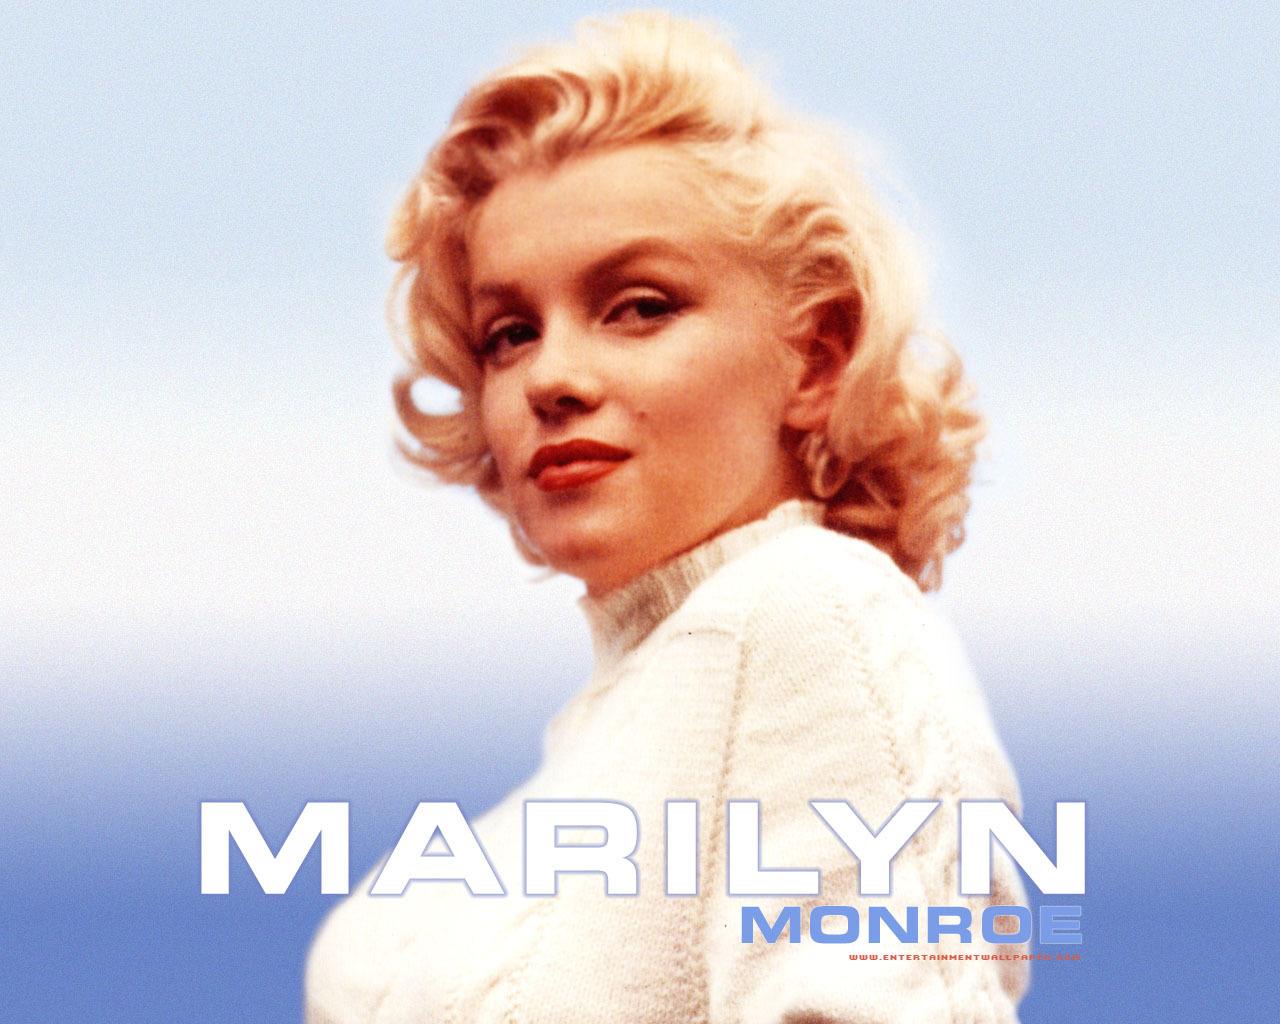 http://4.bp.blogspot.com/-CV2axOXKgF0/Tds8qXAPYLI/AAAAAAAAB2g/mSIx1YZGU-c/s1600/Marilyn+Monroe+Wallpaper+49.jpg